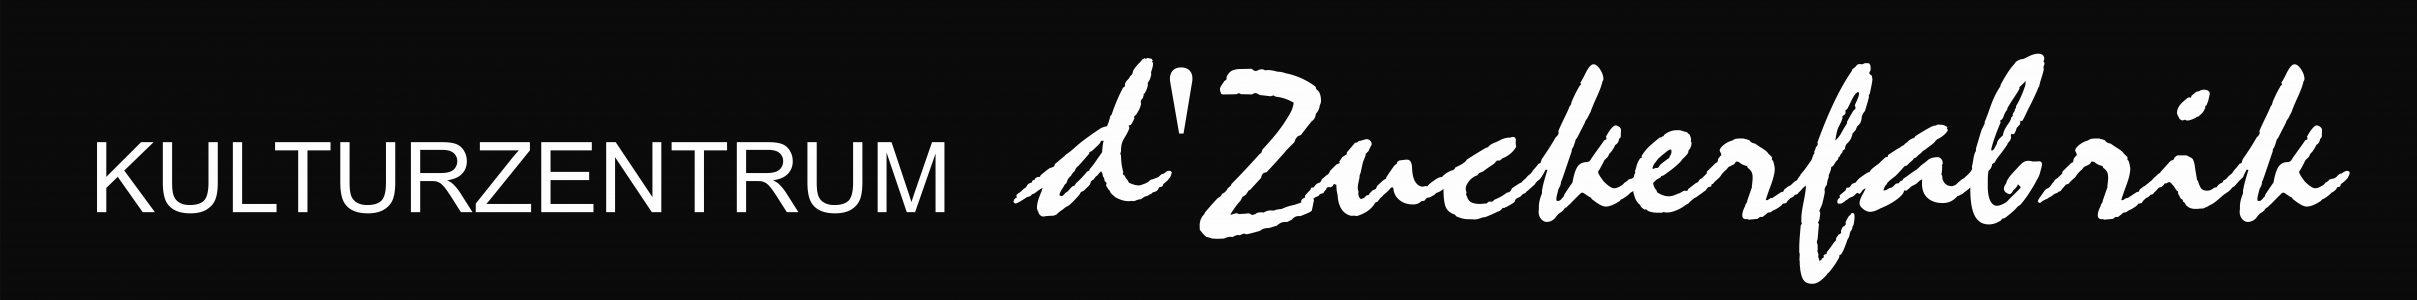 Logo_Zuckerfabrik_Groß.jpg